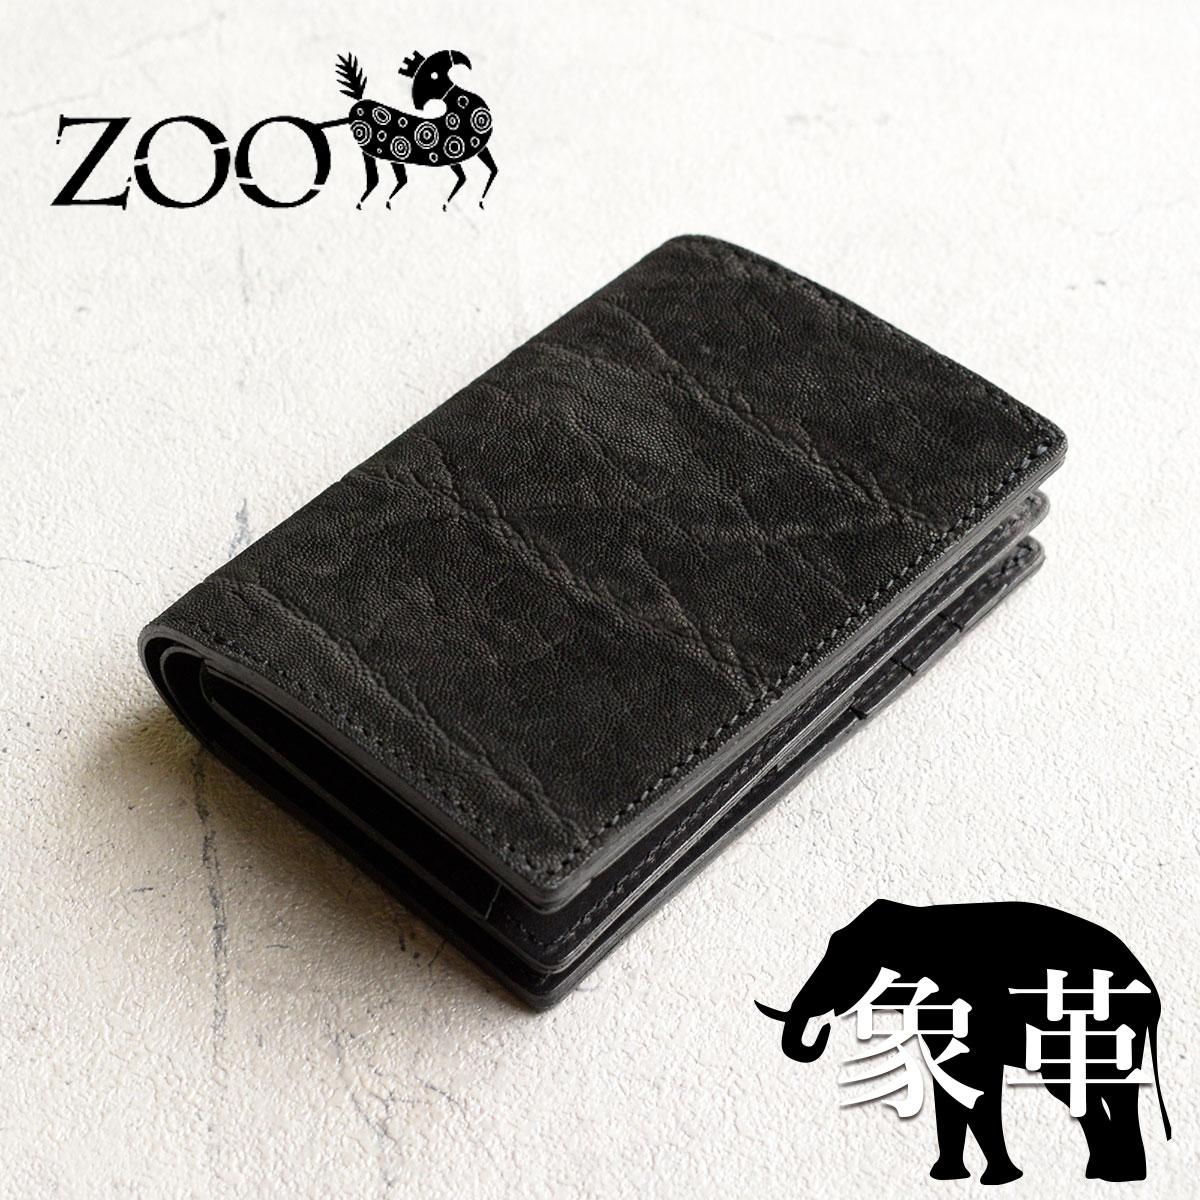 【メッセージカード・ラッピング無料】ZOO(ズー) エレファントレザー 象革 メンズ 二つ折り財布 ミドルウォレット zmw-017 ブラック